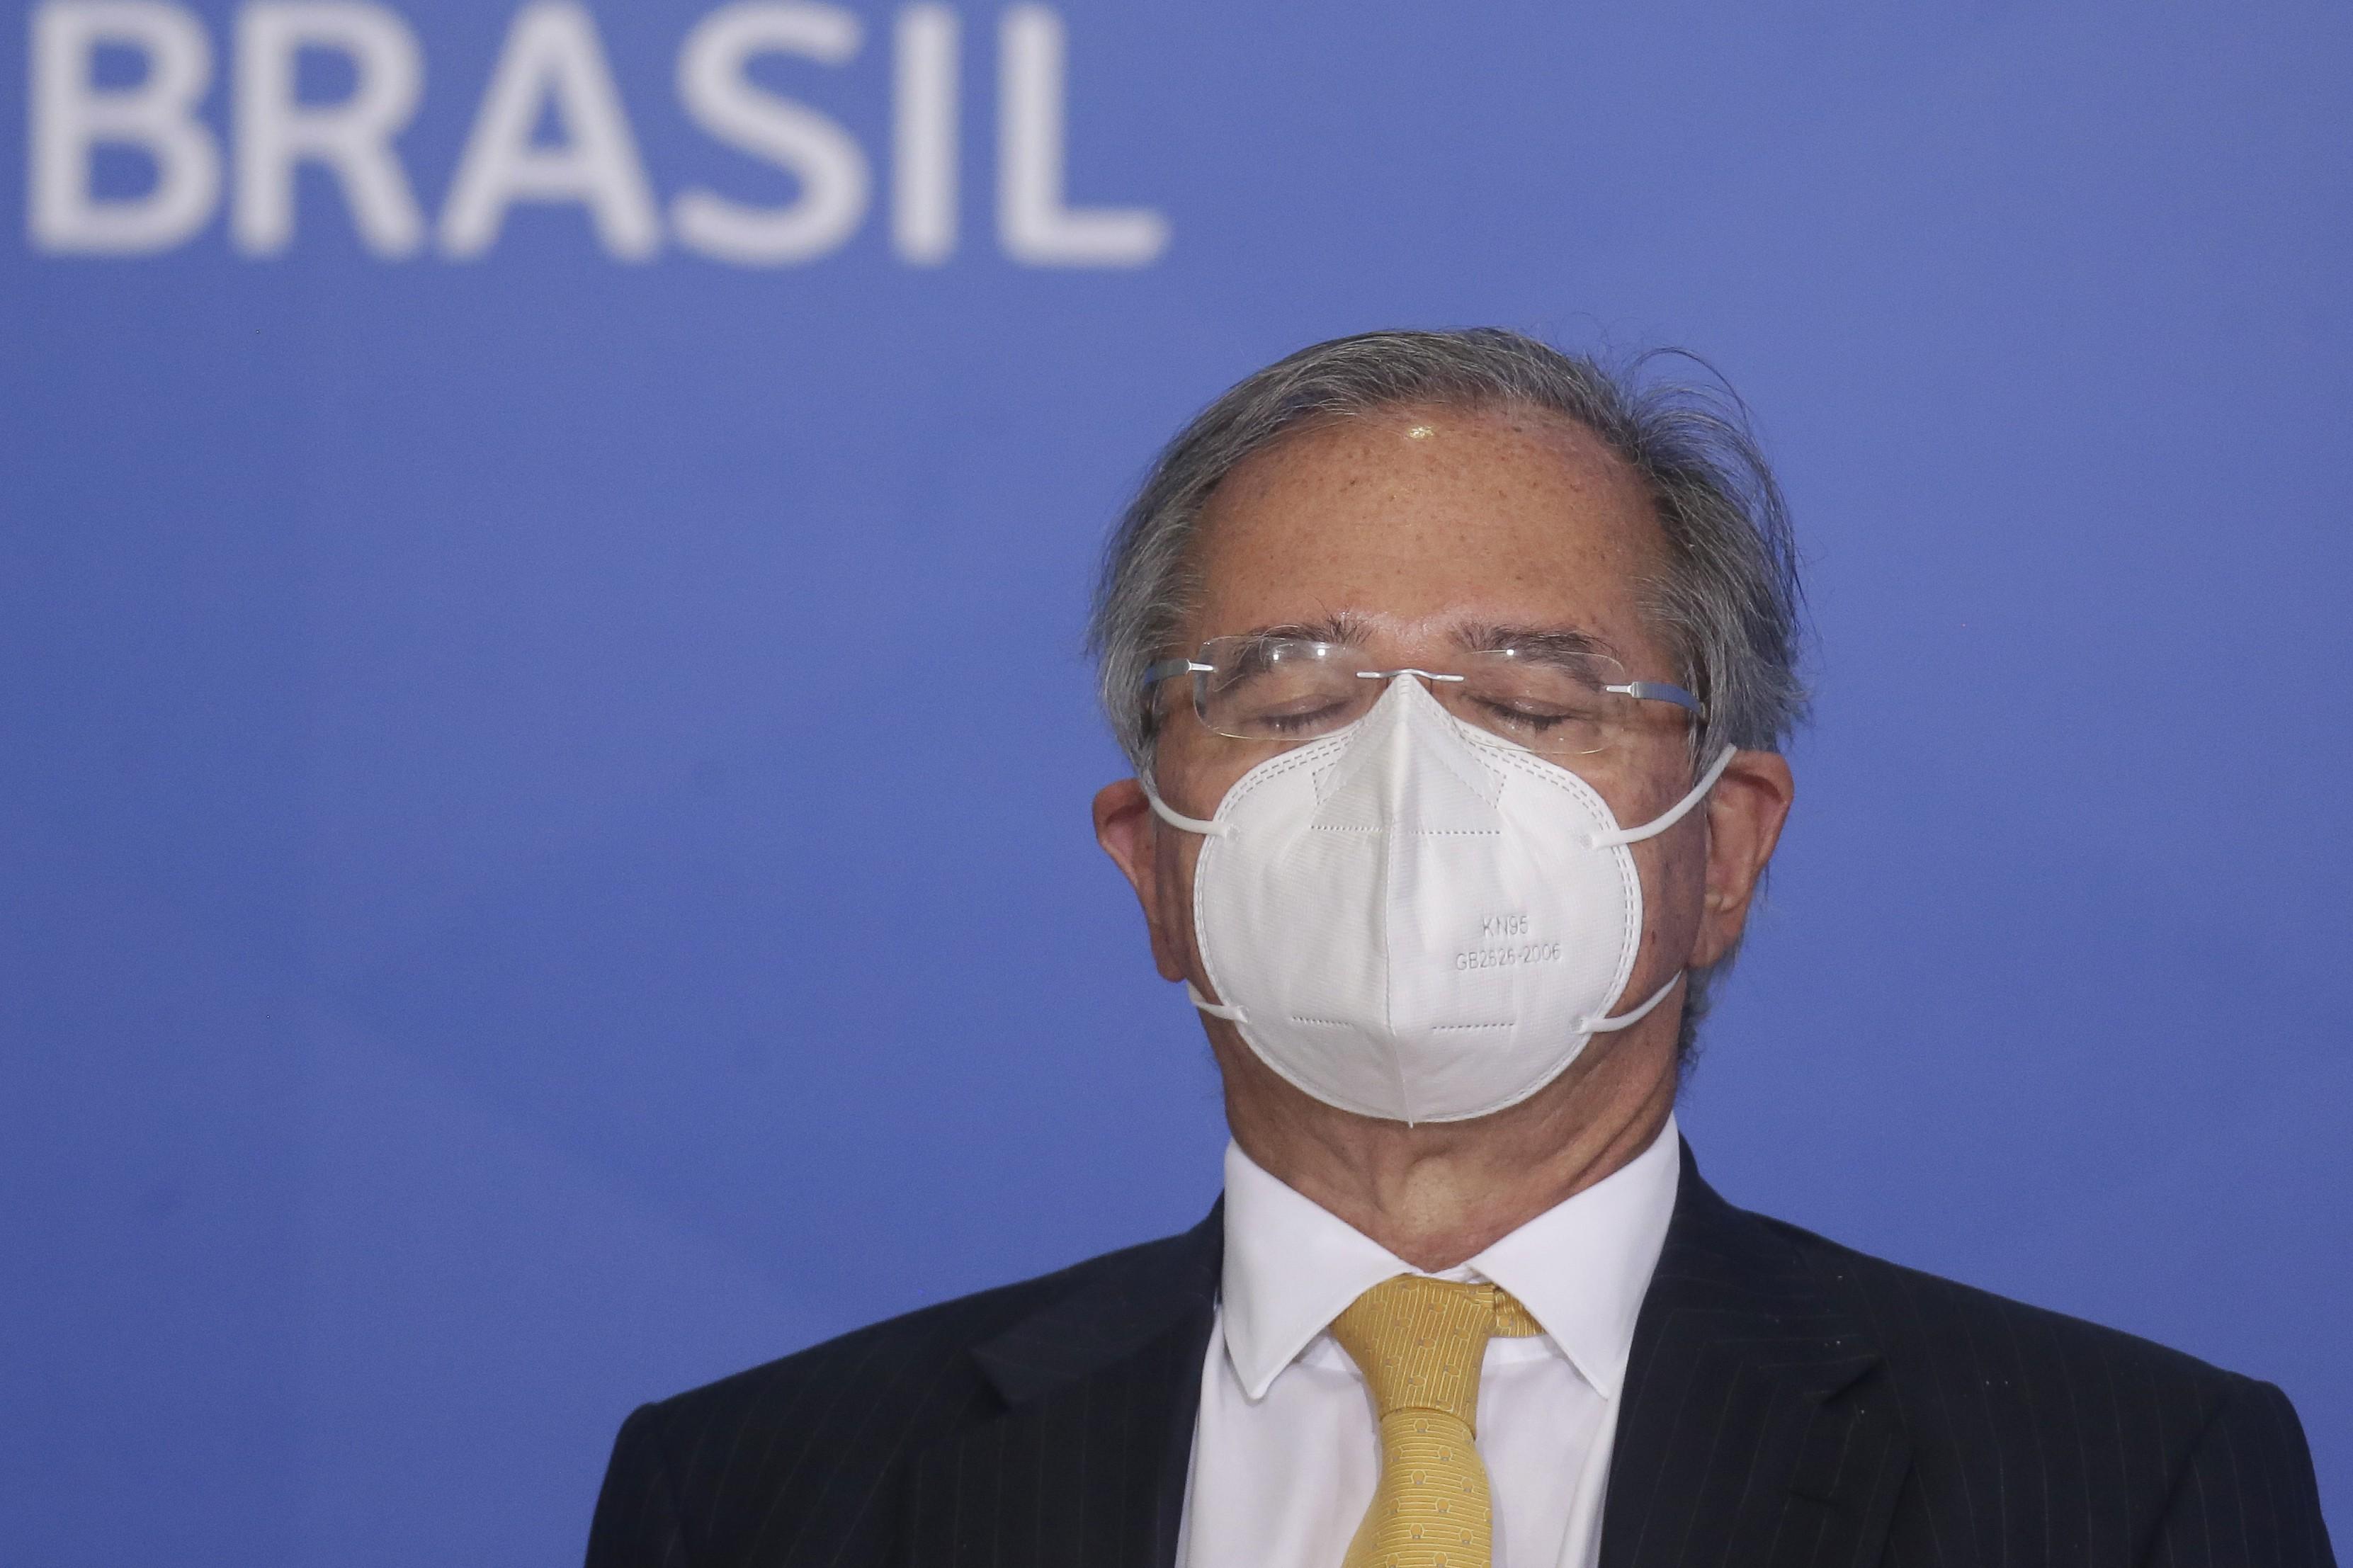 Dólar dispara e abre acima de R$ 5,71 'Daí o mercado fica nervosinho', diz Bolsonaro após prometer R$ 4 bilhões a caminhoneiros